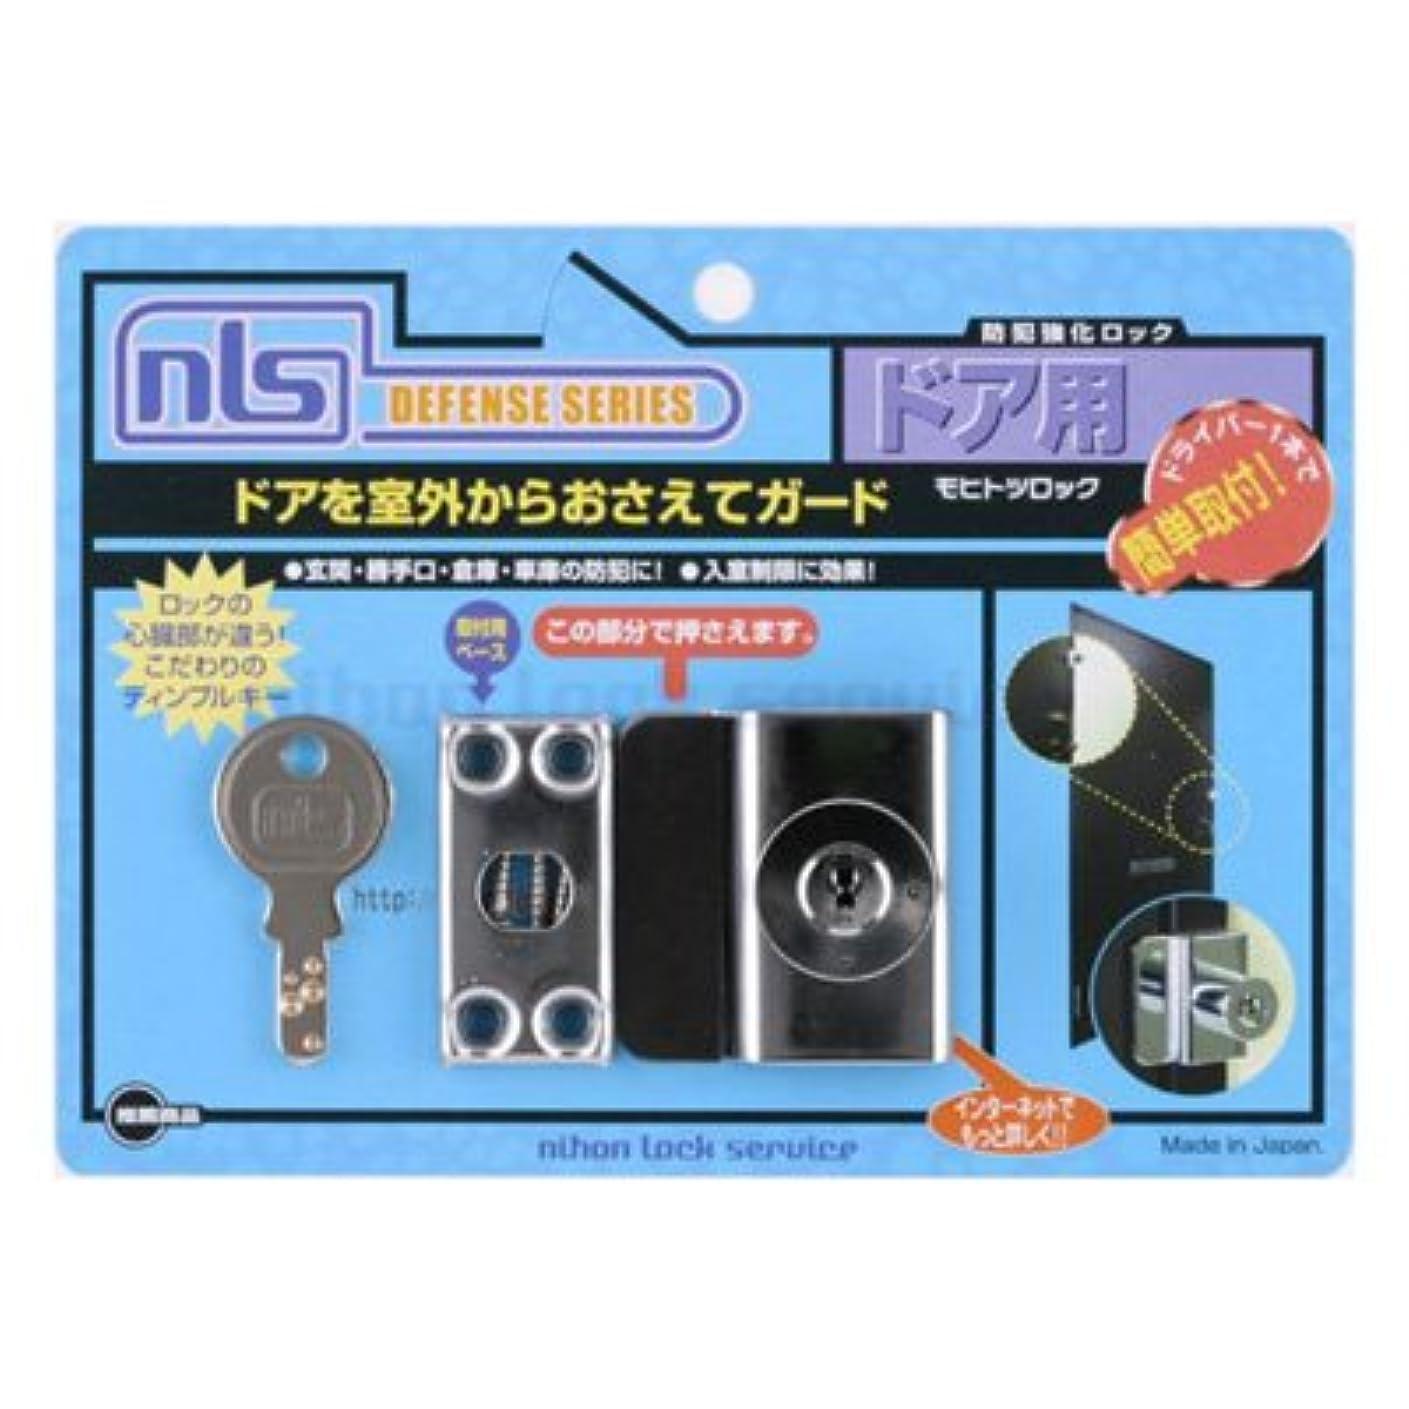 拍車報復する専門NLS(日本ロックサービス) モヒトツロック キー2本付き DS-MH-1U お手ごろ価格でワンドアツーロック 補助錠 防犯対策